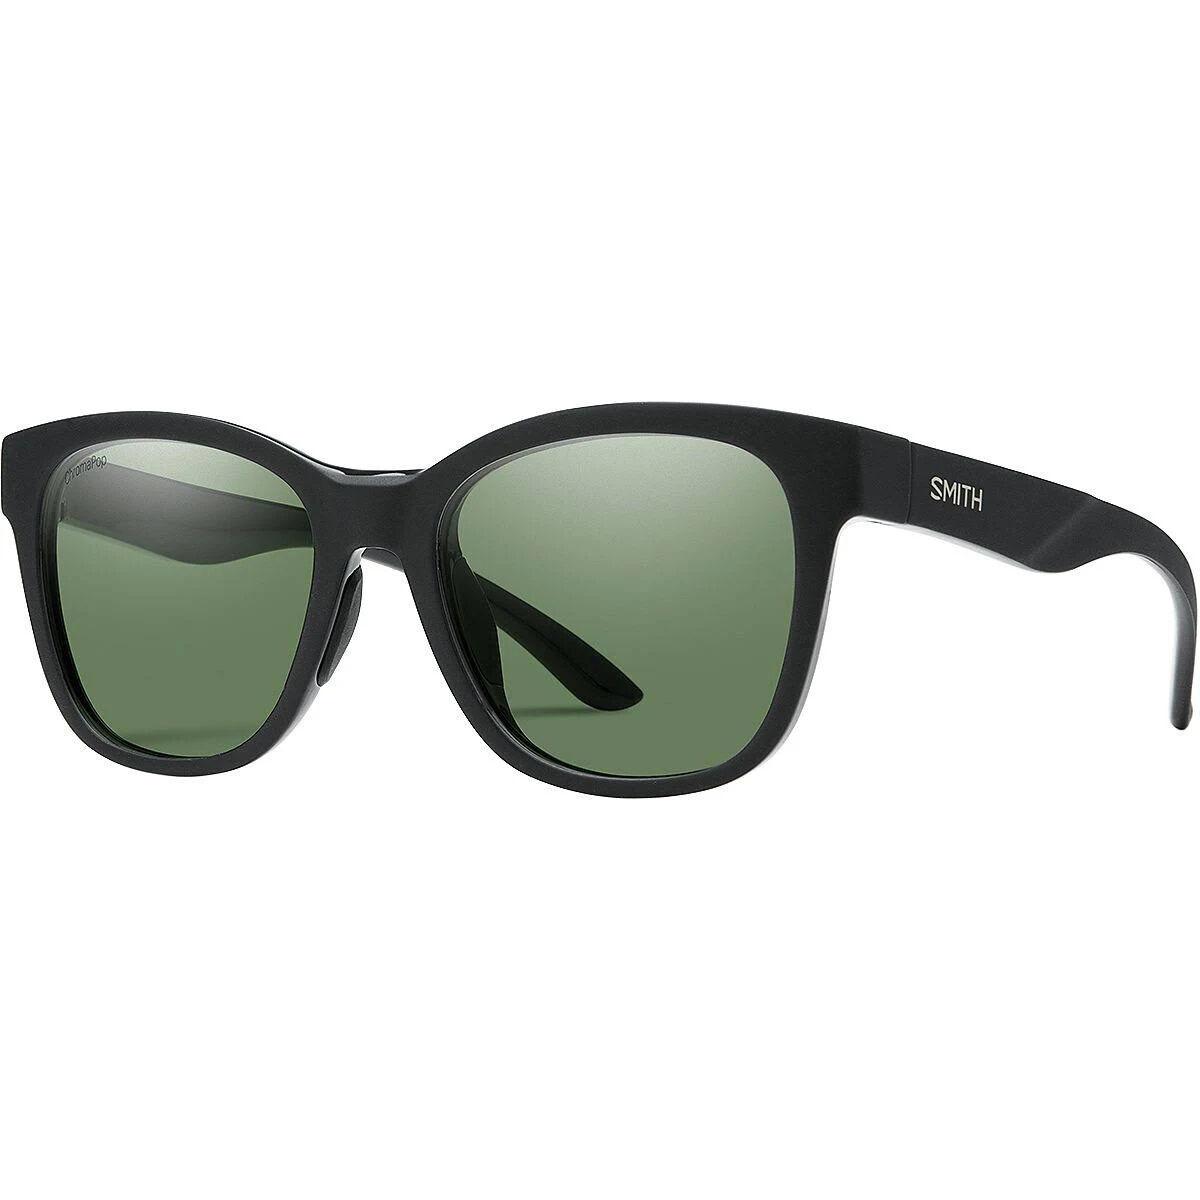 Smith Caper Polarized Sunglasses